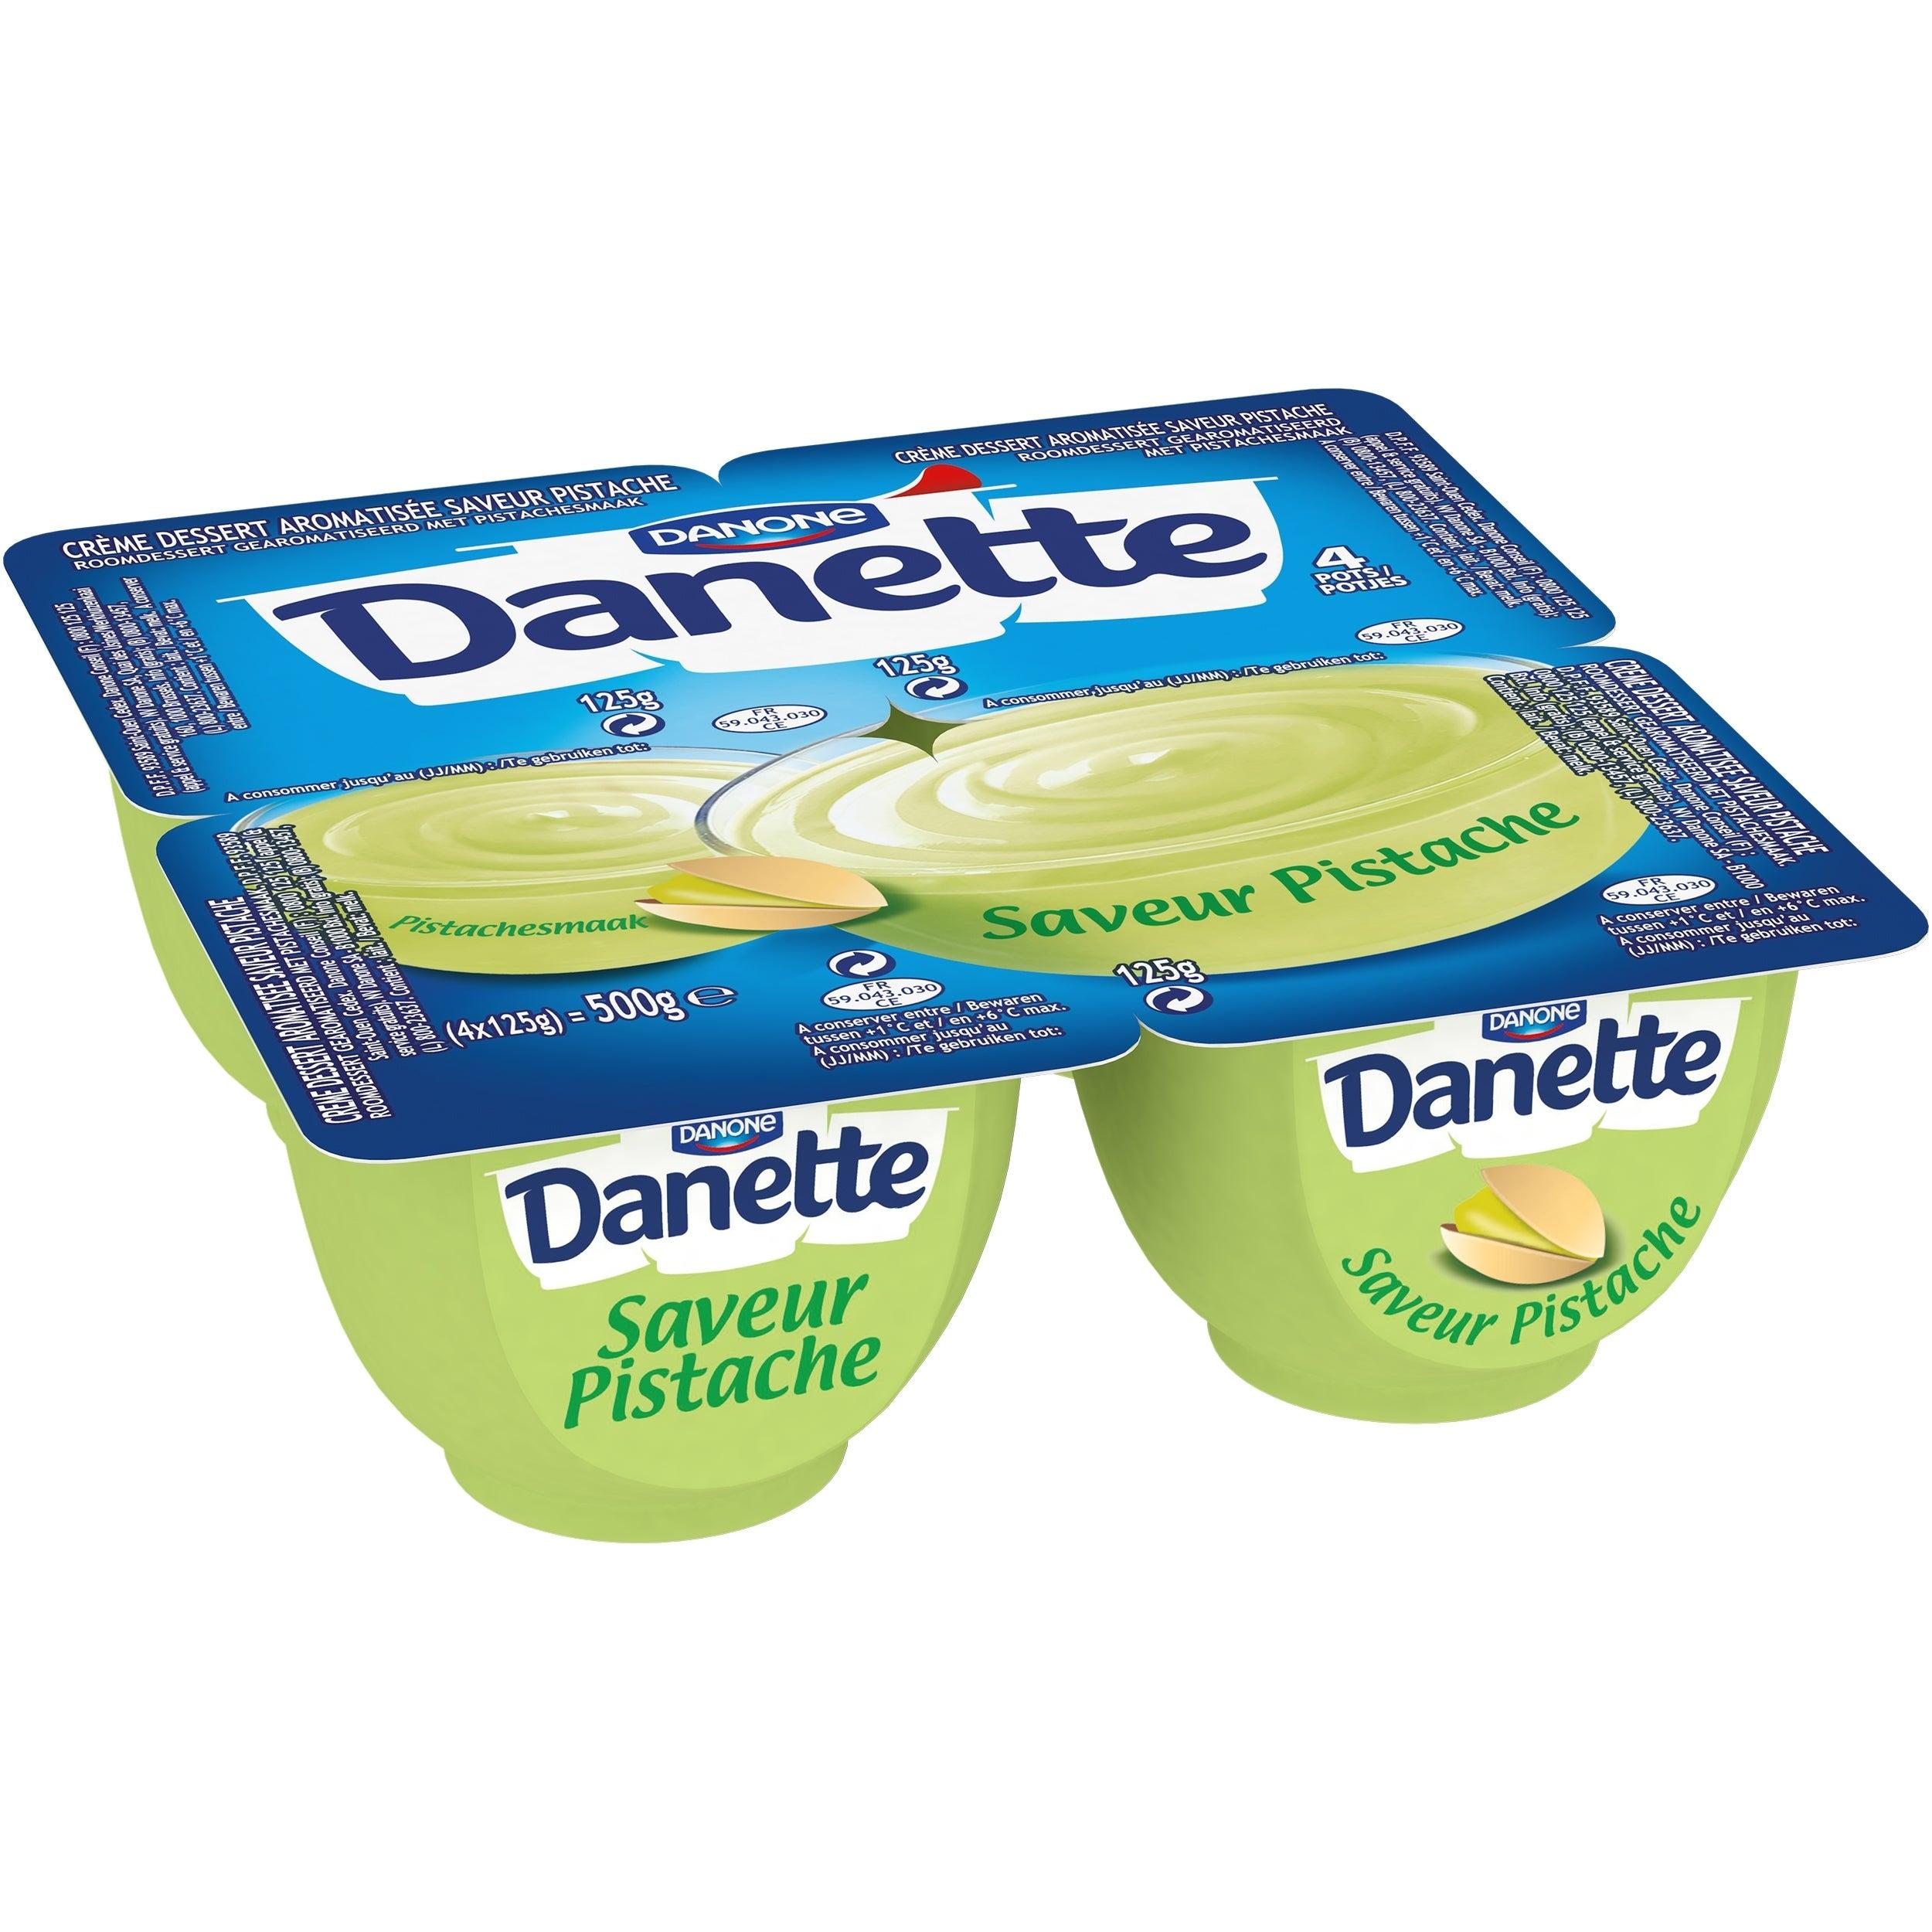 Danette Pistache Smaak